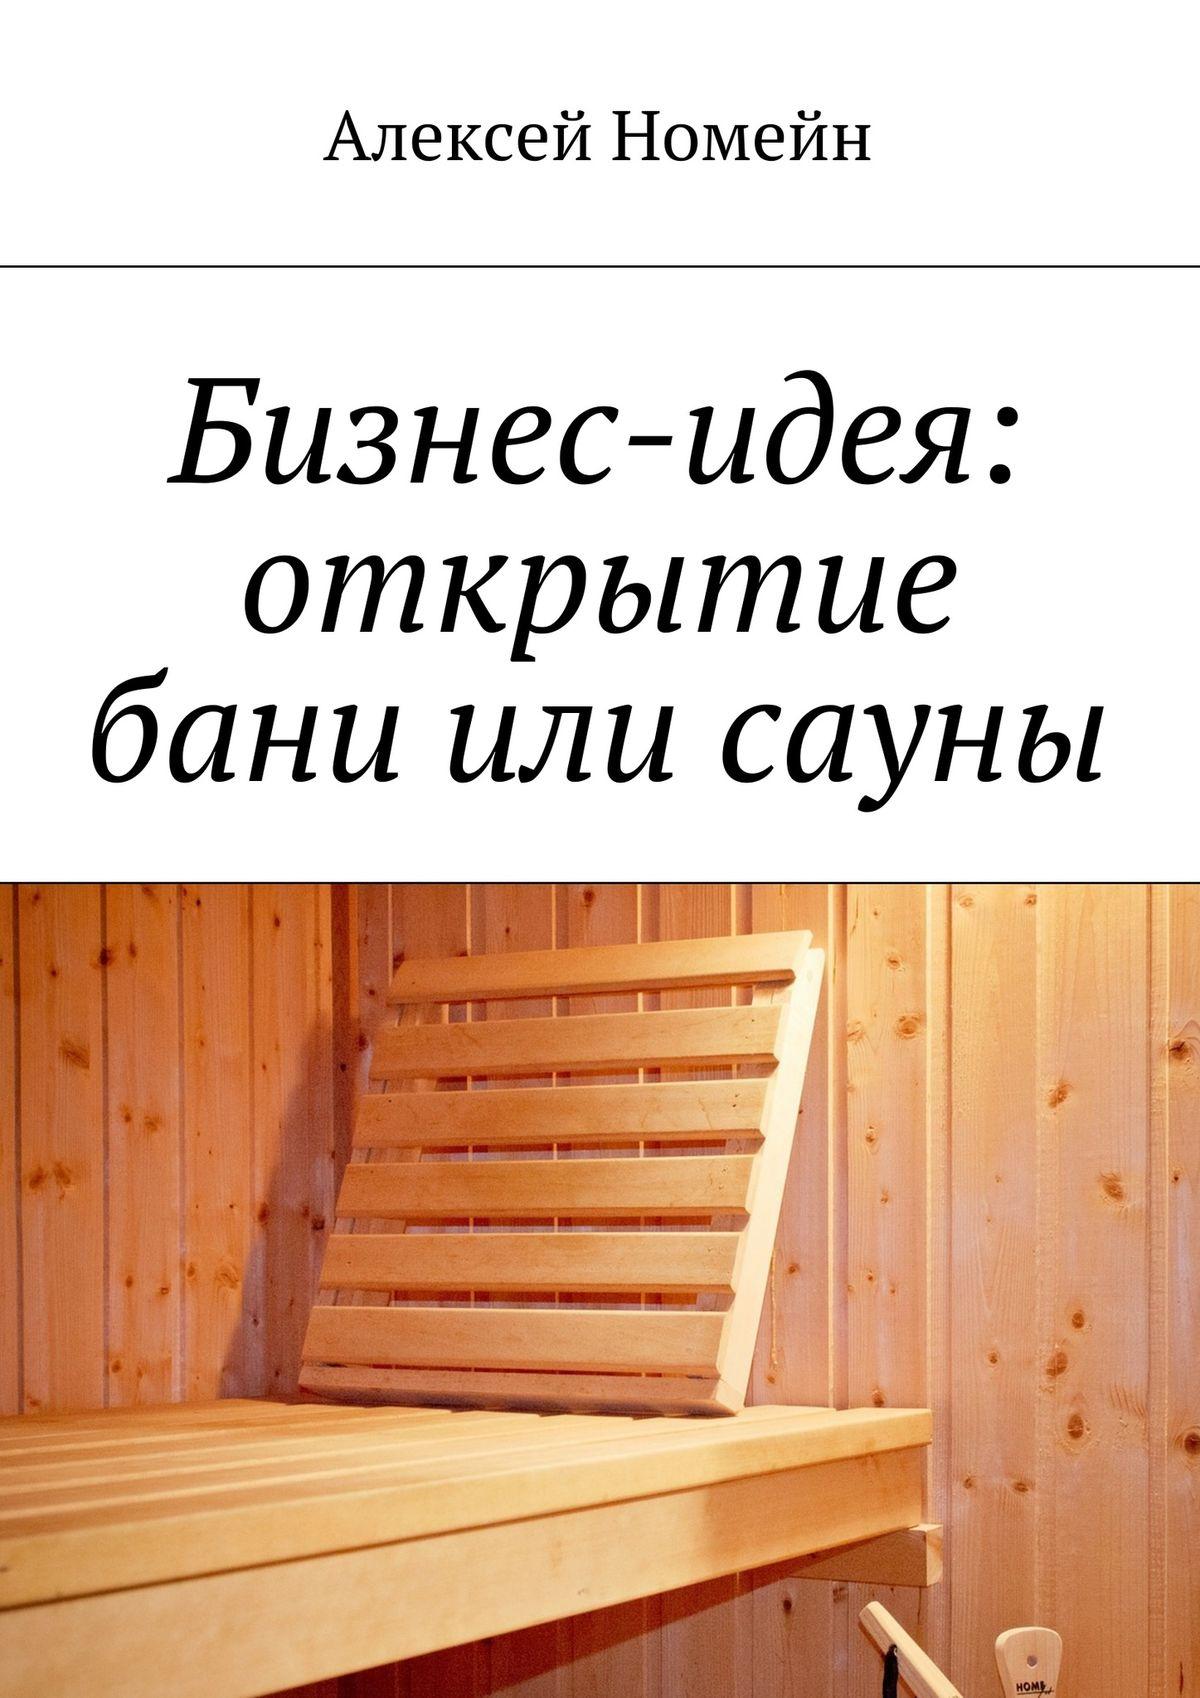 Алексей Номейн Бизнес-идея: открытие бани или сауны алексей номейн бизнес идея гарант сервис